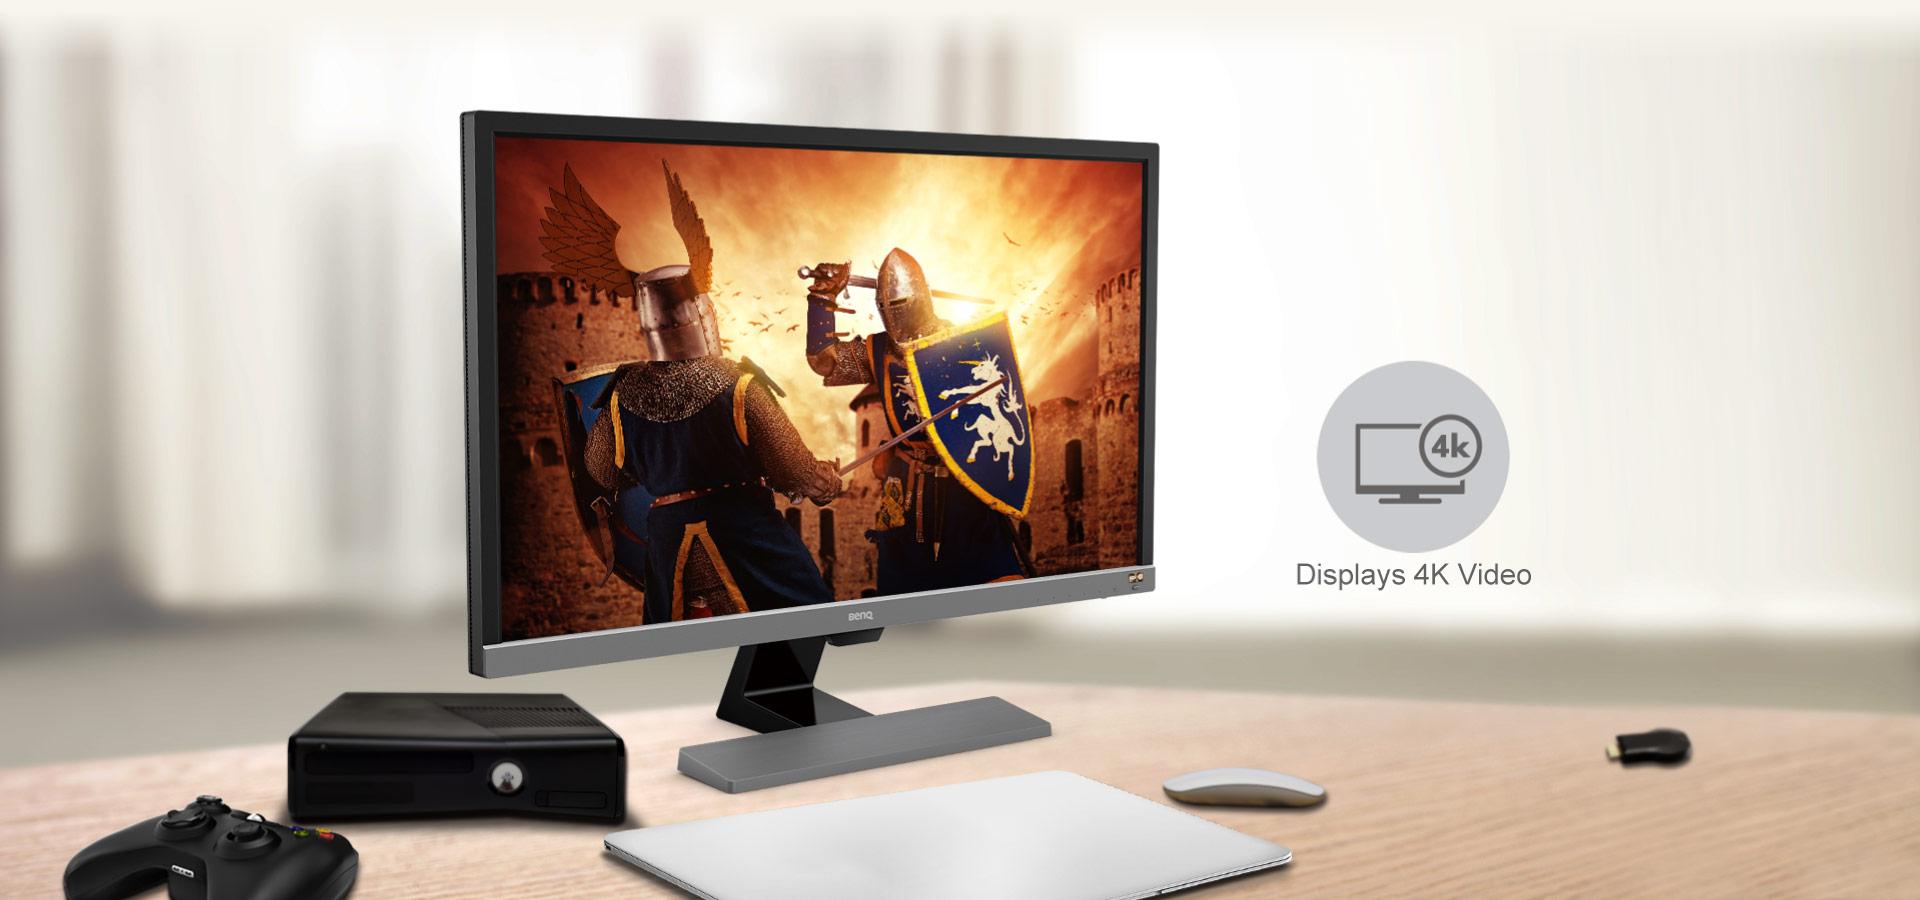 Màn hình 4K HDR dễ dàng thưởng thức giải trí trực tuyến